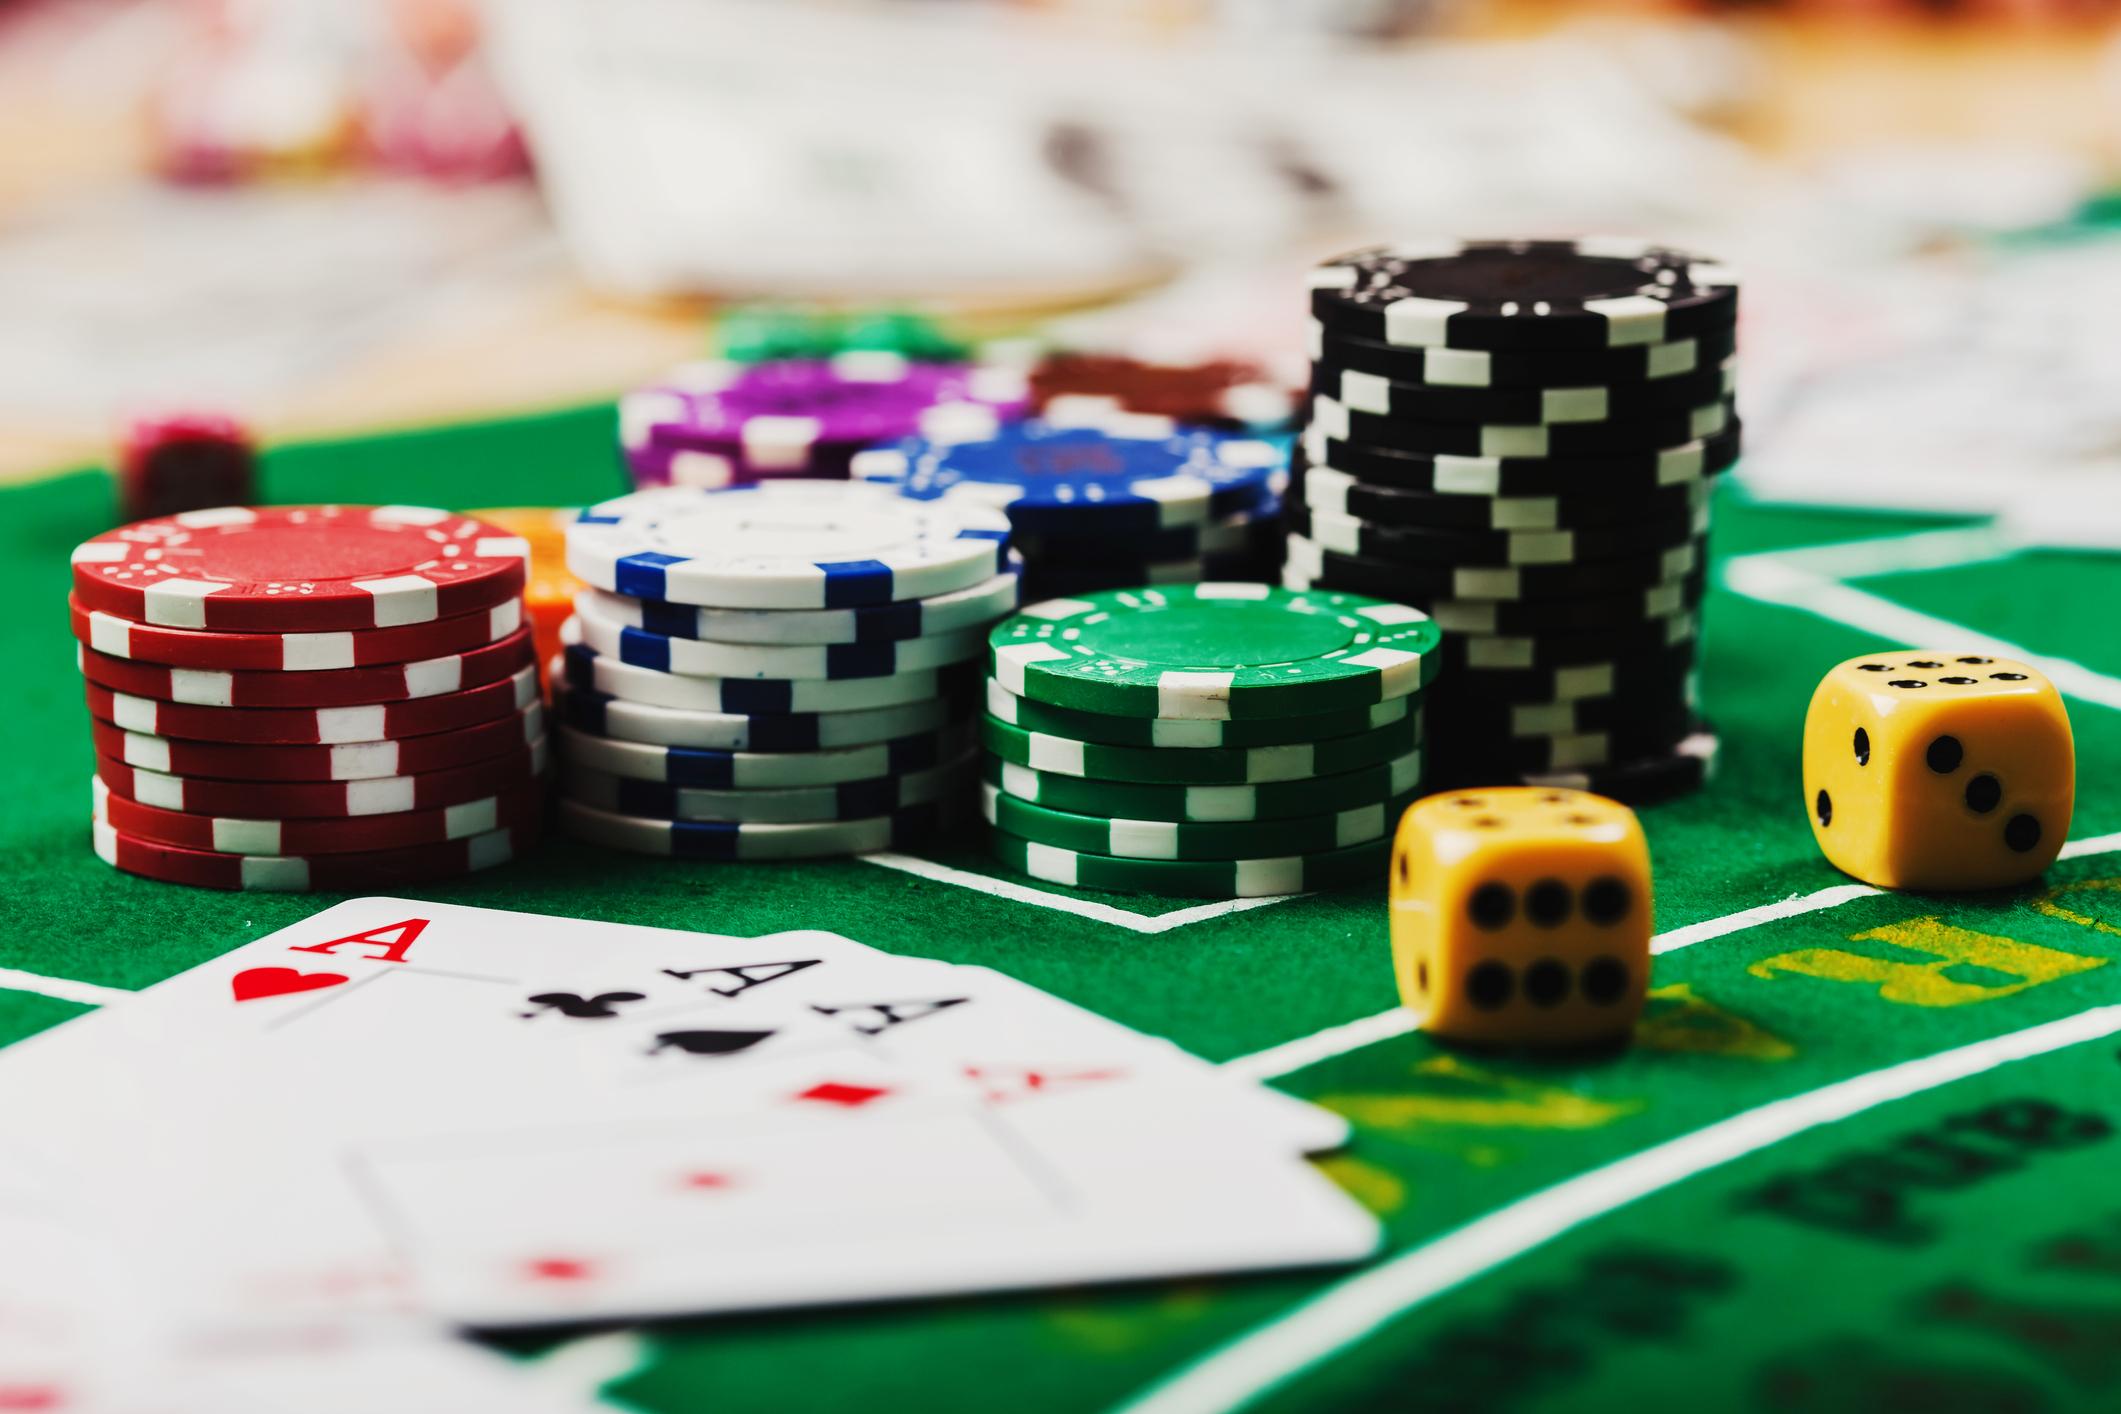 1 Gambling Stock Poised for a Bull Run